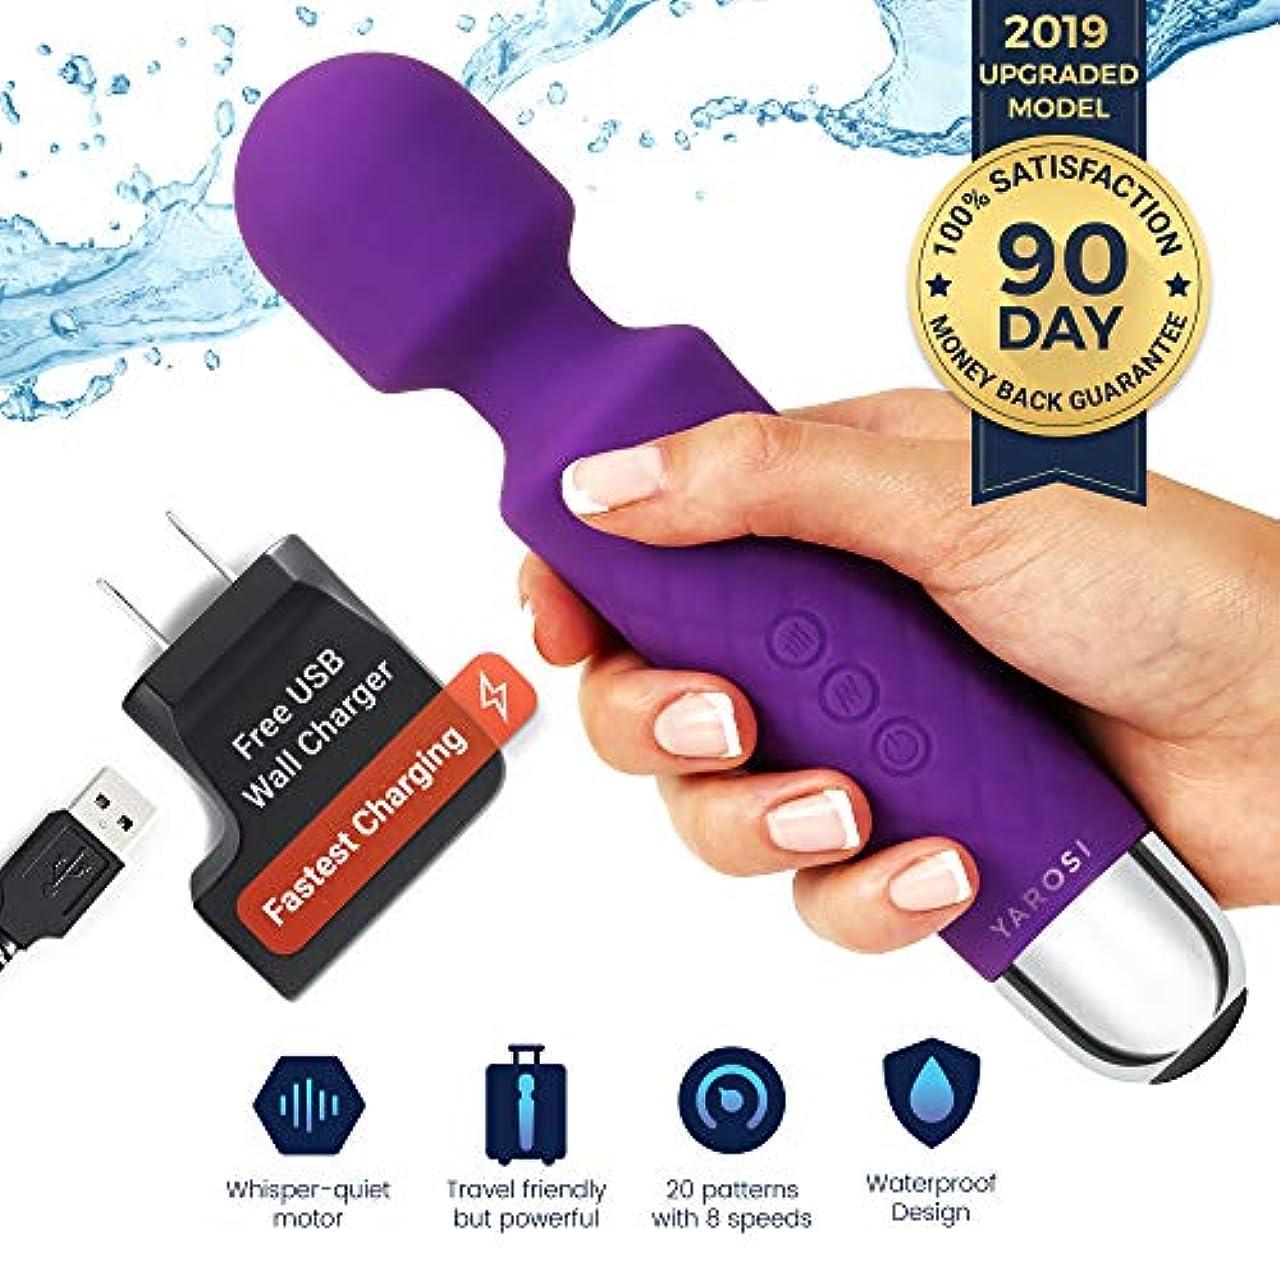 重力知覚するポゴスティックジャンプジャロシのコードレスワンドマッサージャー - 振動のための最も強力な治療 - 旅行の贈り物に適して - 魔法の圧力の目覚め - 筋肉のアーチやパーソナルスポーツの回復に最適 - USB - ミニ - パープル